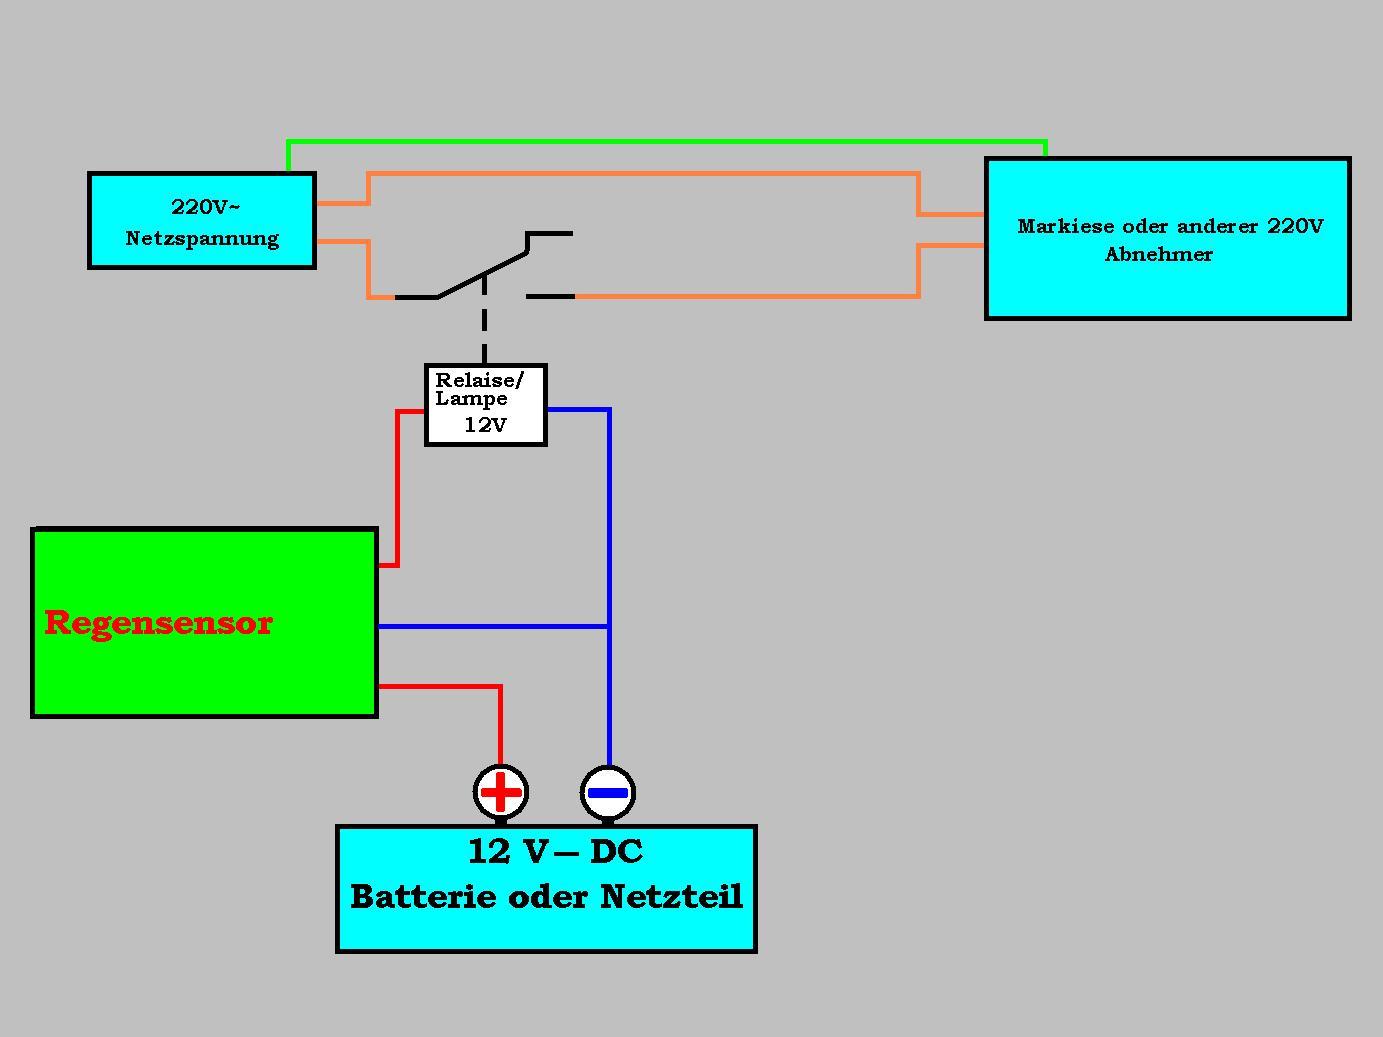 Großartig Schaltplan Der Schalttafel Der Wasserpumpe Galerie - Der ...